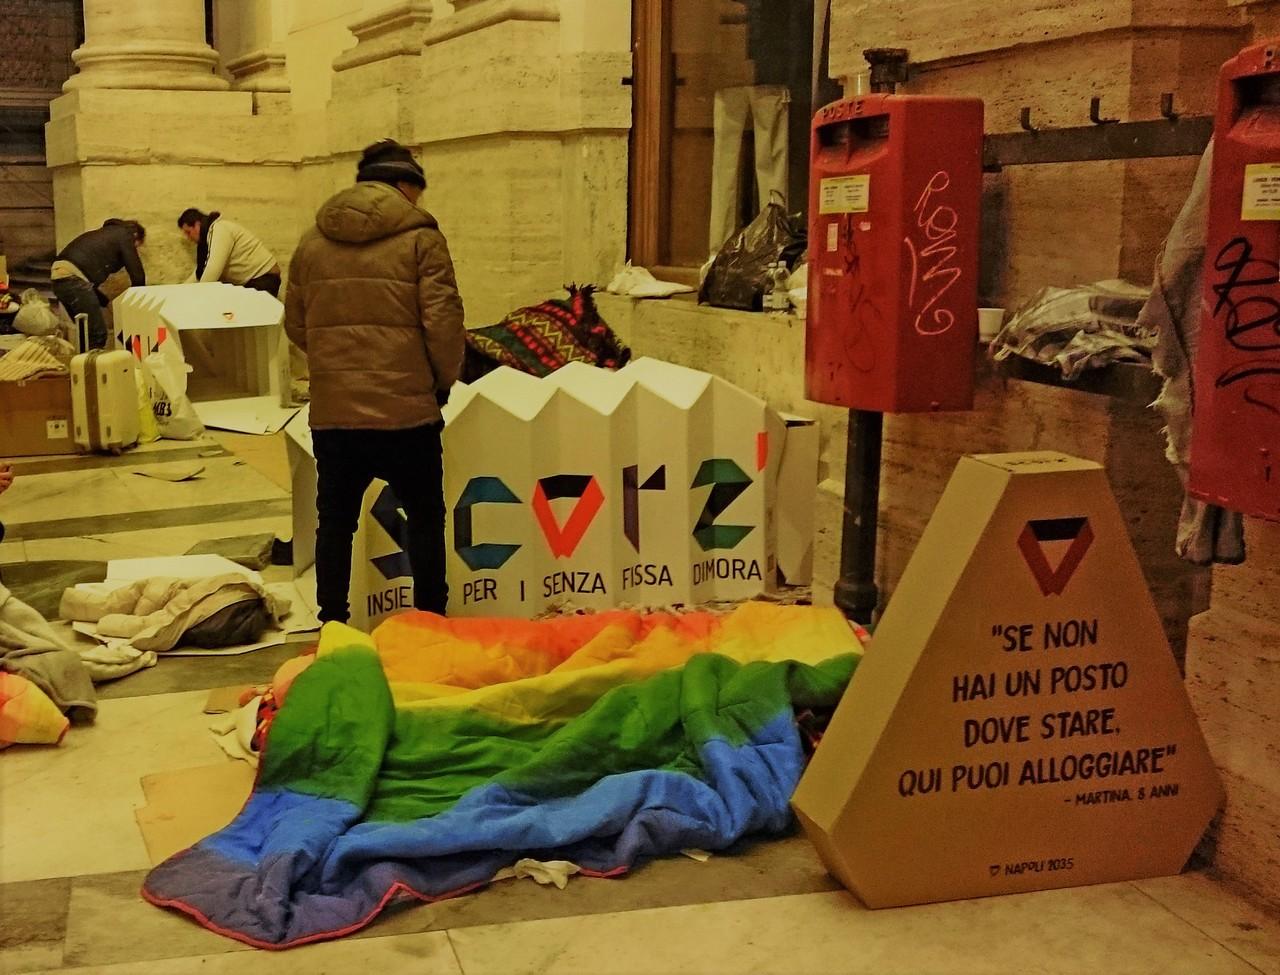 Per tetto, una Scorz' di cartone, e tanta solidarietà